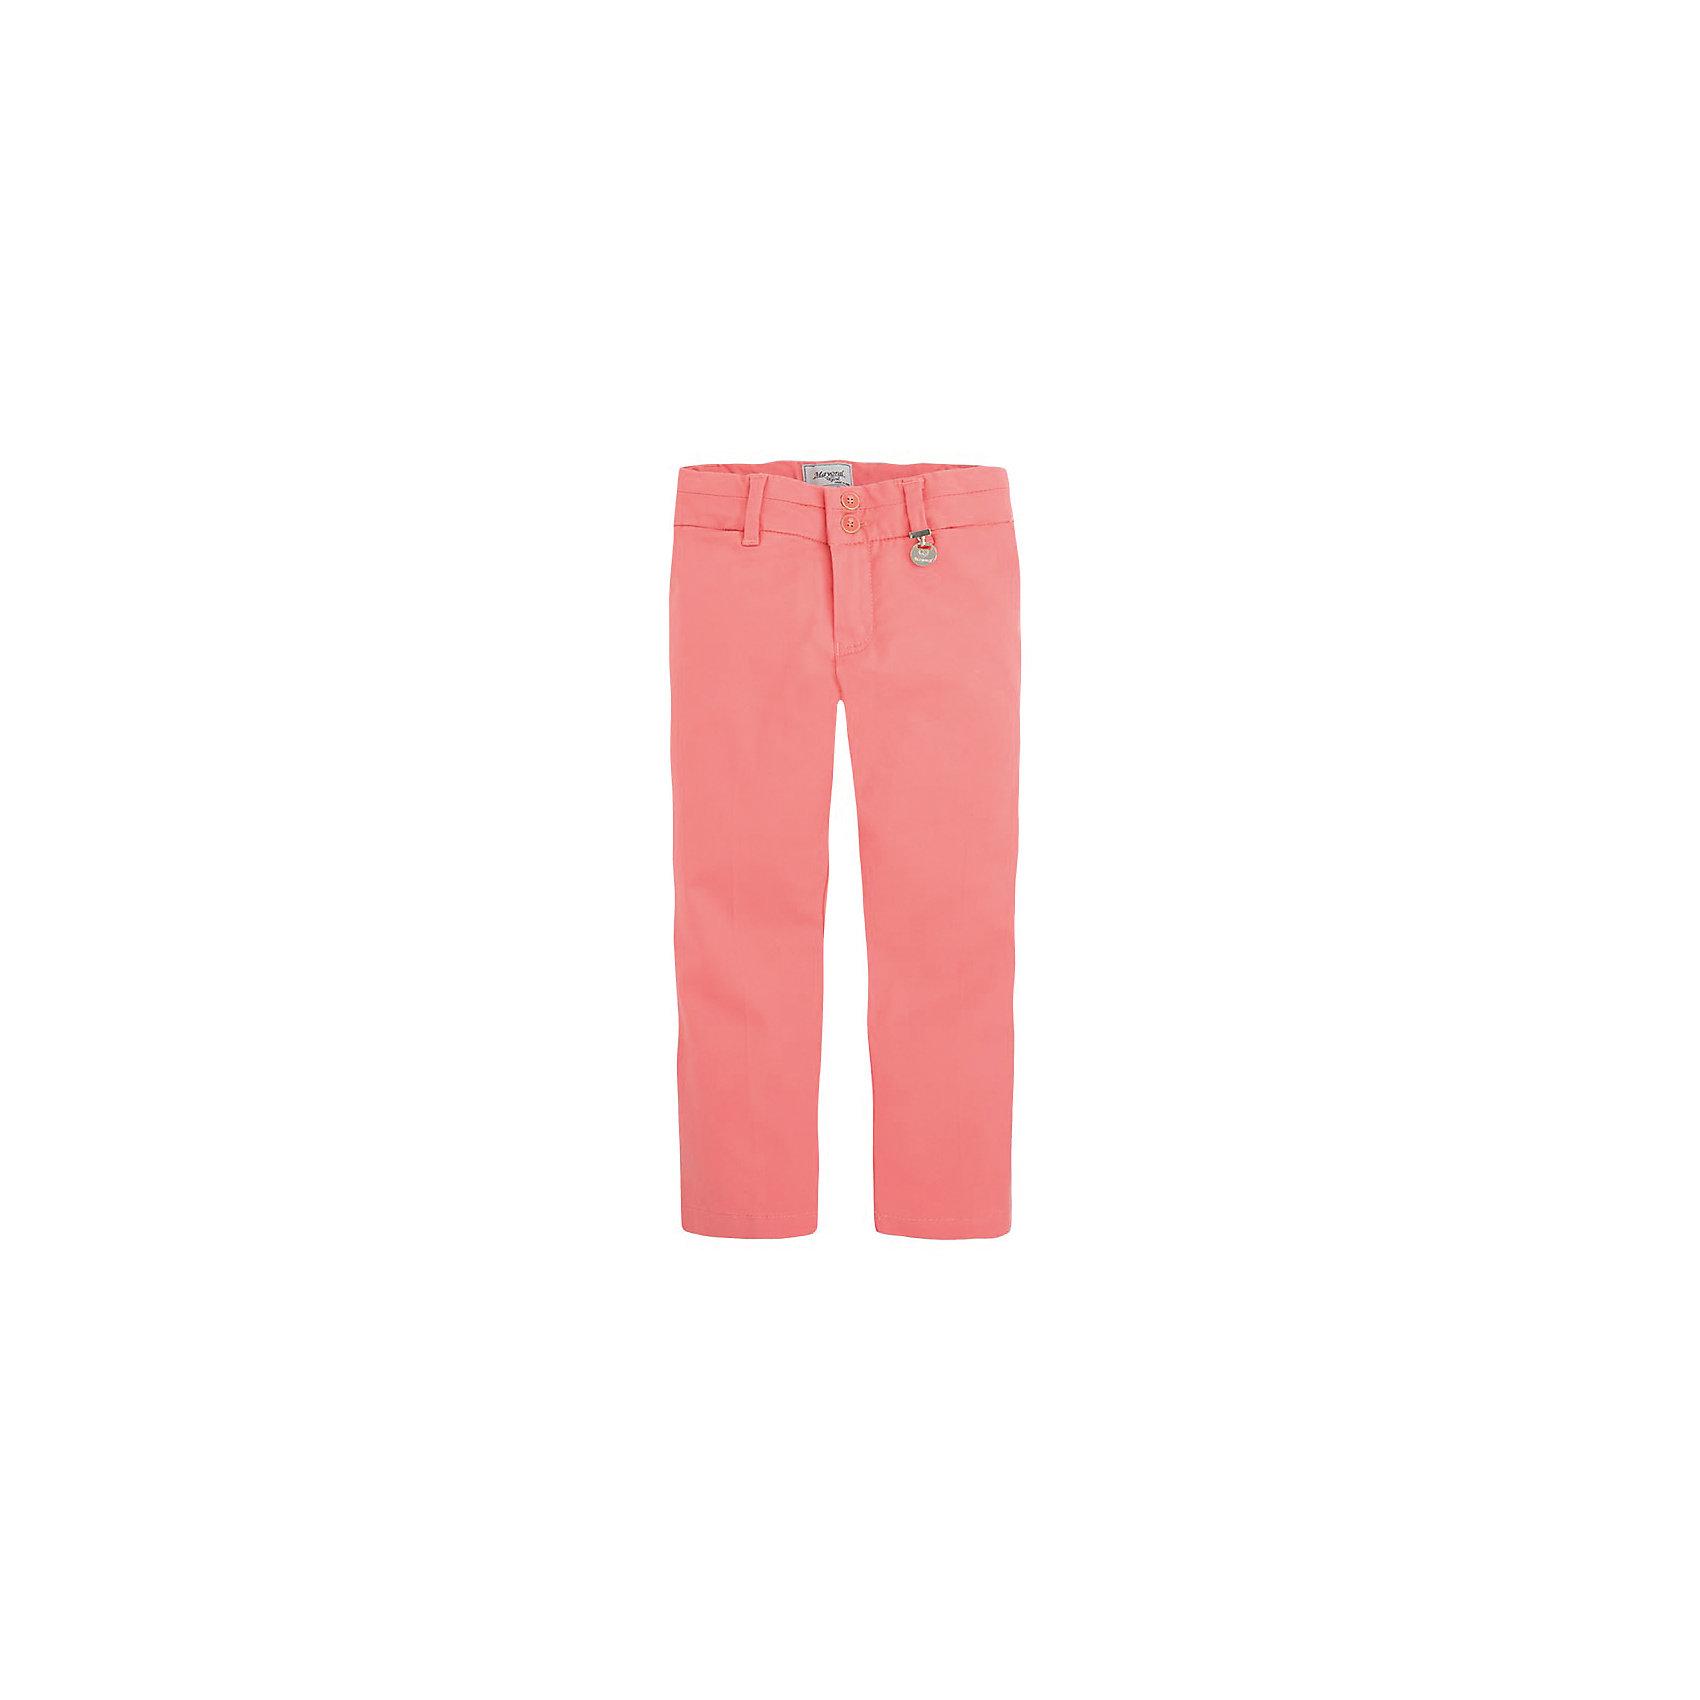 Брюки для девочки MayoralБрюки для девочки от популярной испанской марки Mayoral.<br><br>Красивые легкие брюки от известного испанского бренда Mayoral дополнят гардероб девочки. Удобная посадка и качественный материал обеспечит ребенку комфорт при ношении этой вещи.<br><br>Особенности модели:<br>- цвет: розовый;<br>- материал эластичный, легкий;<br>- преобладание хлопка в составе;<br>- на поясе - внутренние резинки для регулировки размера.<br><br>Состав: 97% хлопок, 3% эластан.<br><br>Уход за изделием:<br><br>стирка в машине при температуре до 30°С,<br>не отбеливать,<br>гладить на низкой температуре.<br> <br>Габариты:<br><br>длина штанин по внутреннему шву – 32 см.<br><br>*Числовые параметры соответствуют росту 92<br> <br>Брюки для девочки Mayoral (Майорал) можно купить в нашем магазине.<br><br>Ширина мм: 215<br>Глубина мм: 88<br>Высота мм: 191<br>Вес г: 336<br>Цвет: красный<br>Возраст от месяцев: 84<br>Возраст до месяцев: 96<br>Пол: Женский<br>Возраст: Детский<br>Размер: 128,104,98,116,134,110,122<br>SKU: 4071403